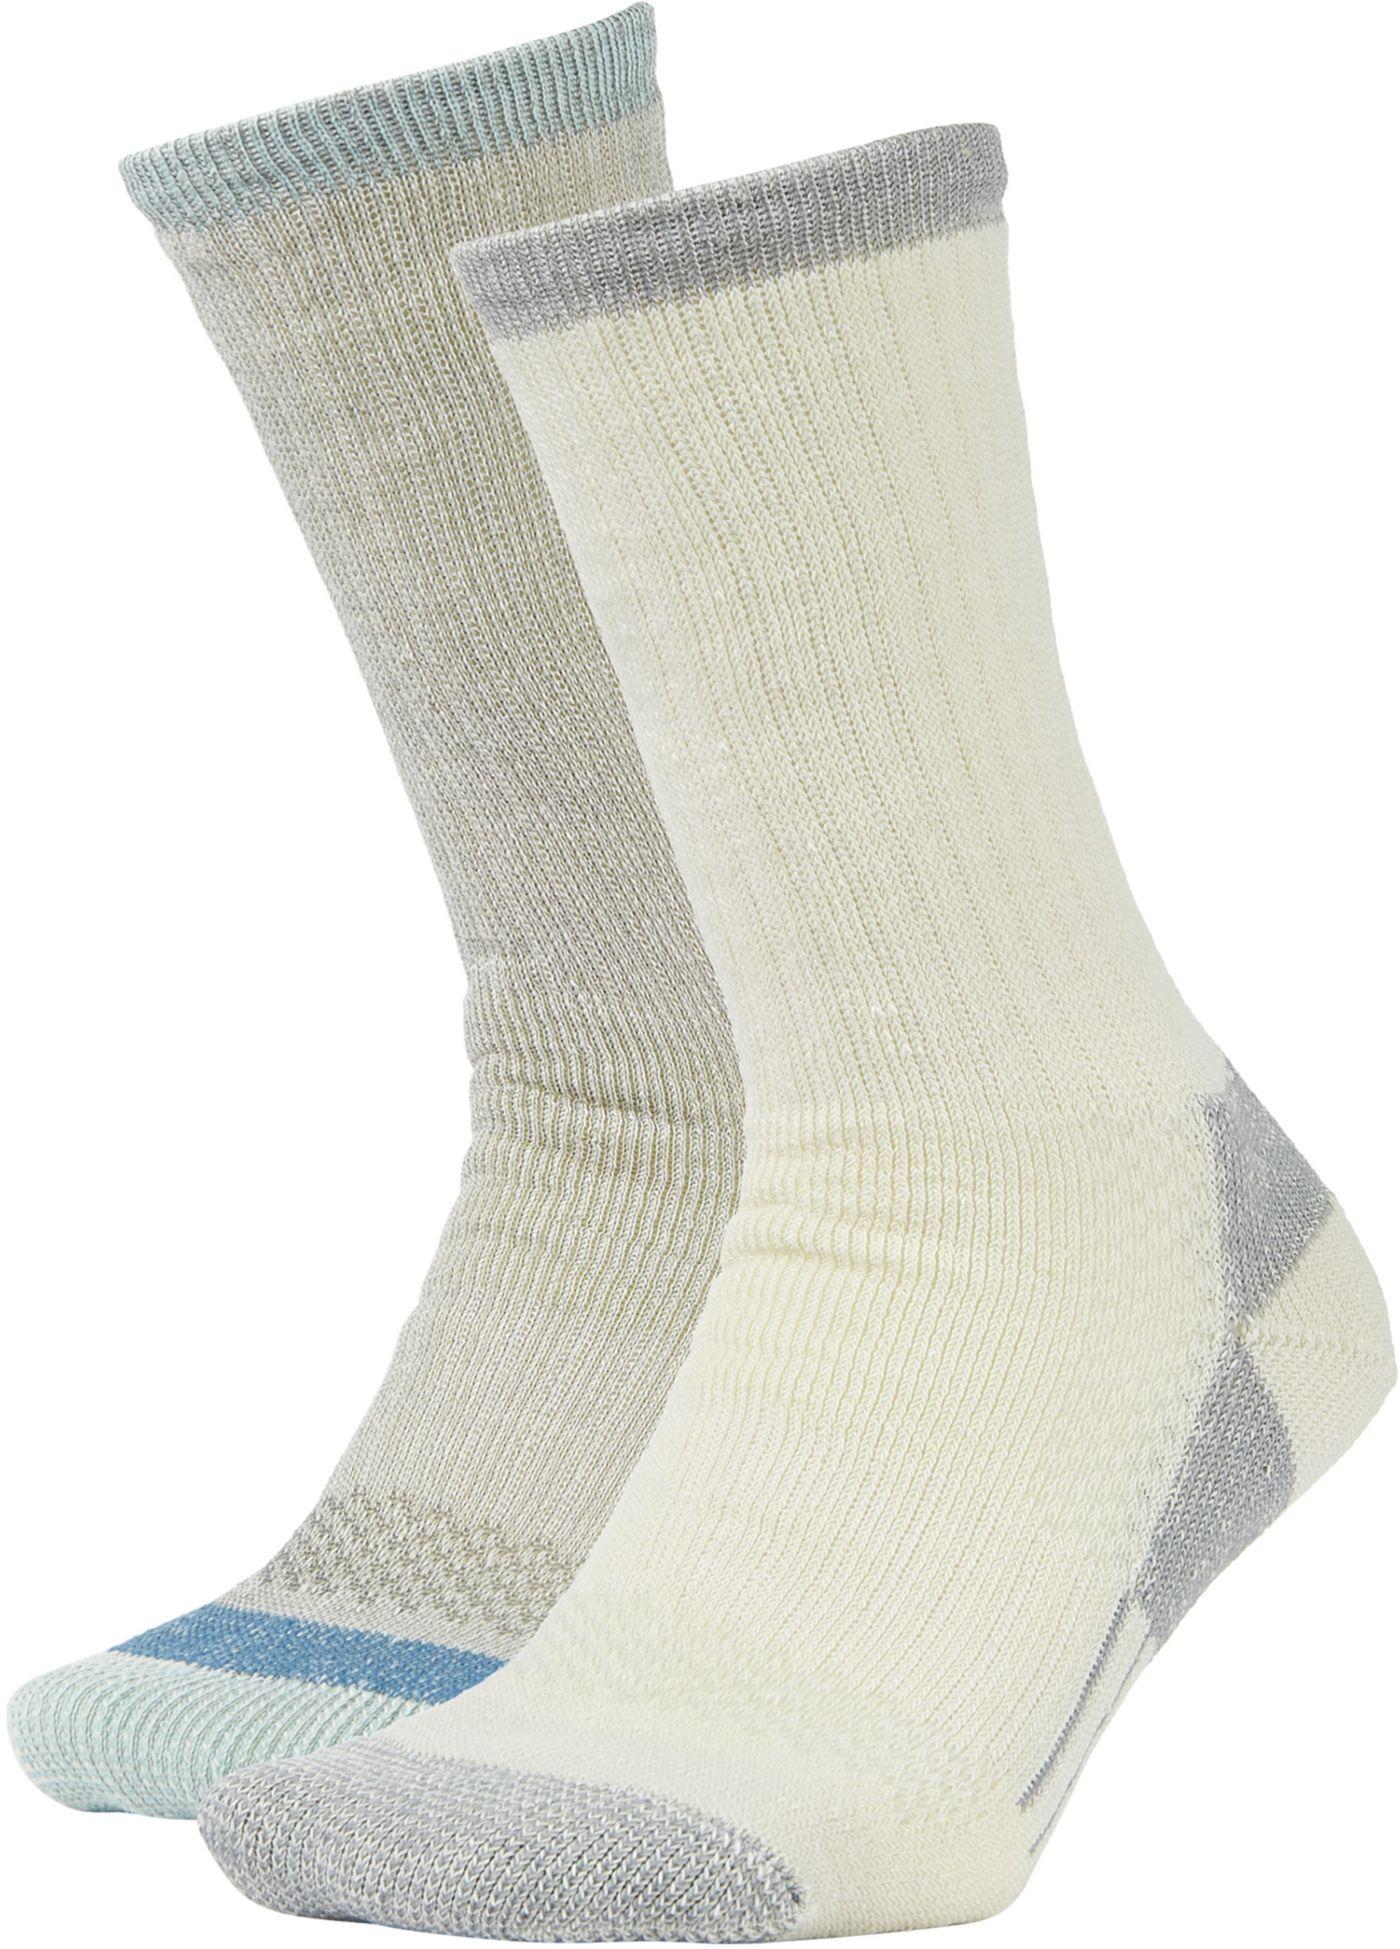 Field & Stream Women's Merino Hiking Socks - 2 Pack